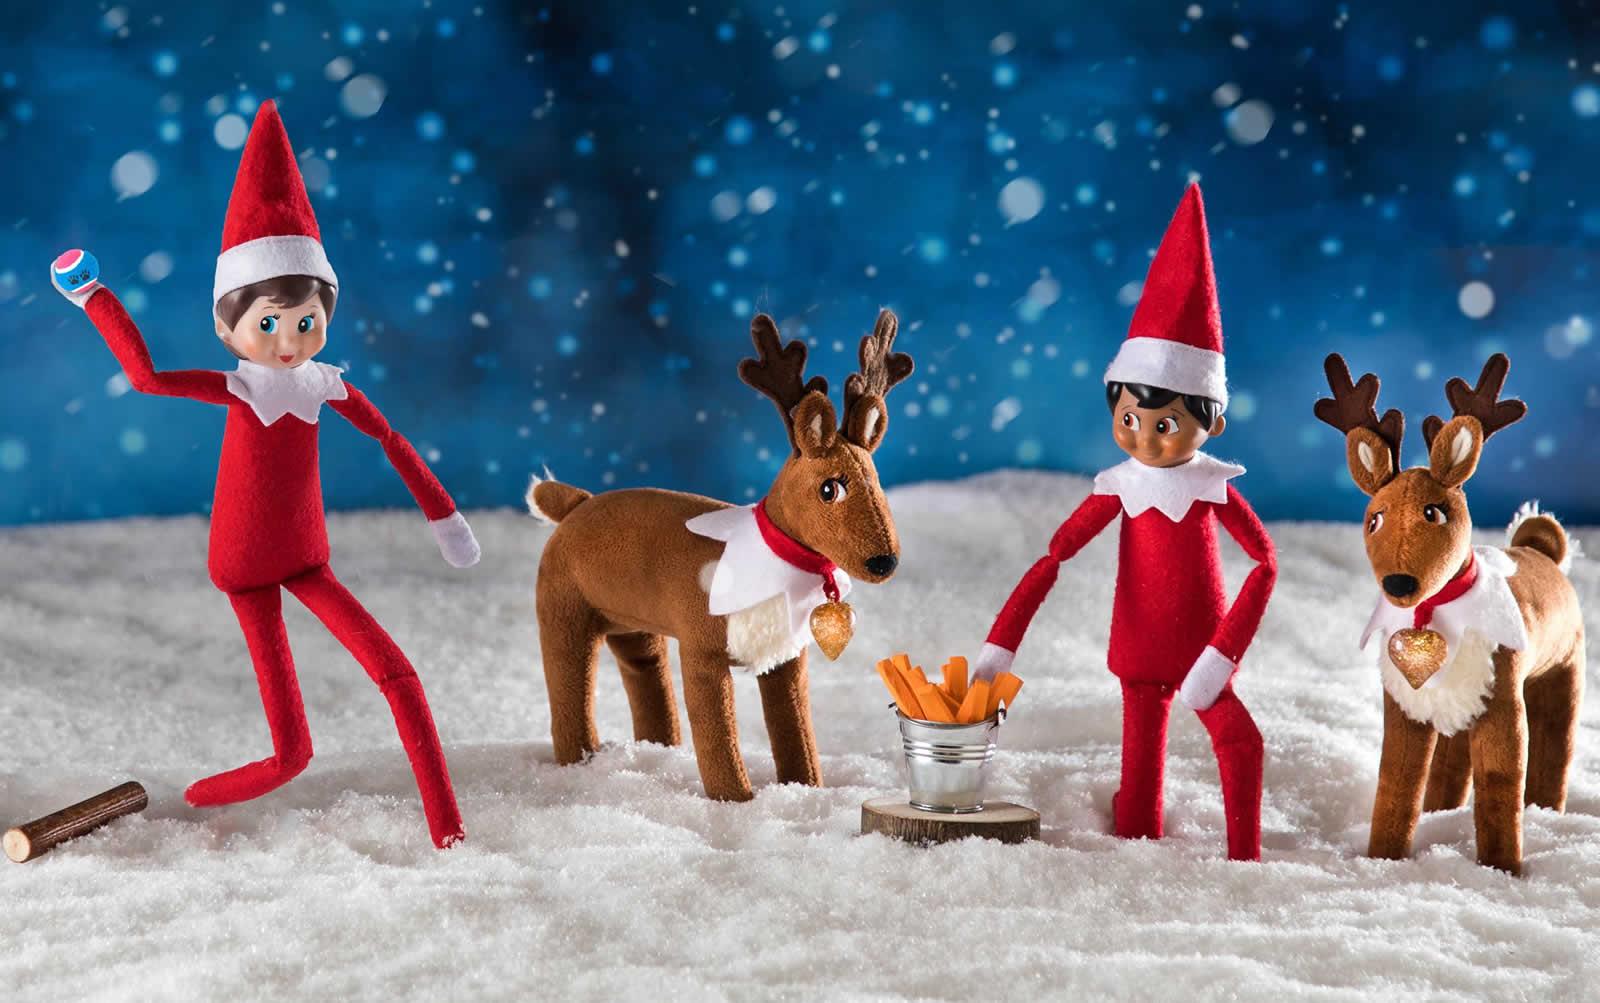 Les Traditions De Noel En Australie the elf on the shelf », adopter un elfe pour noël à atlanta